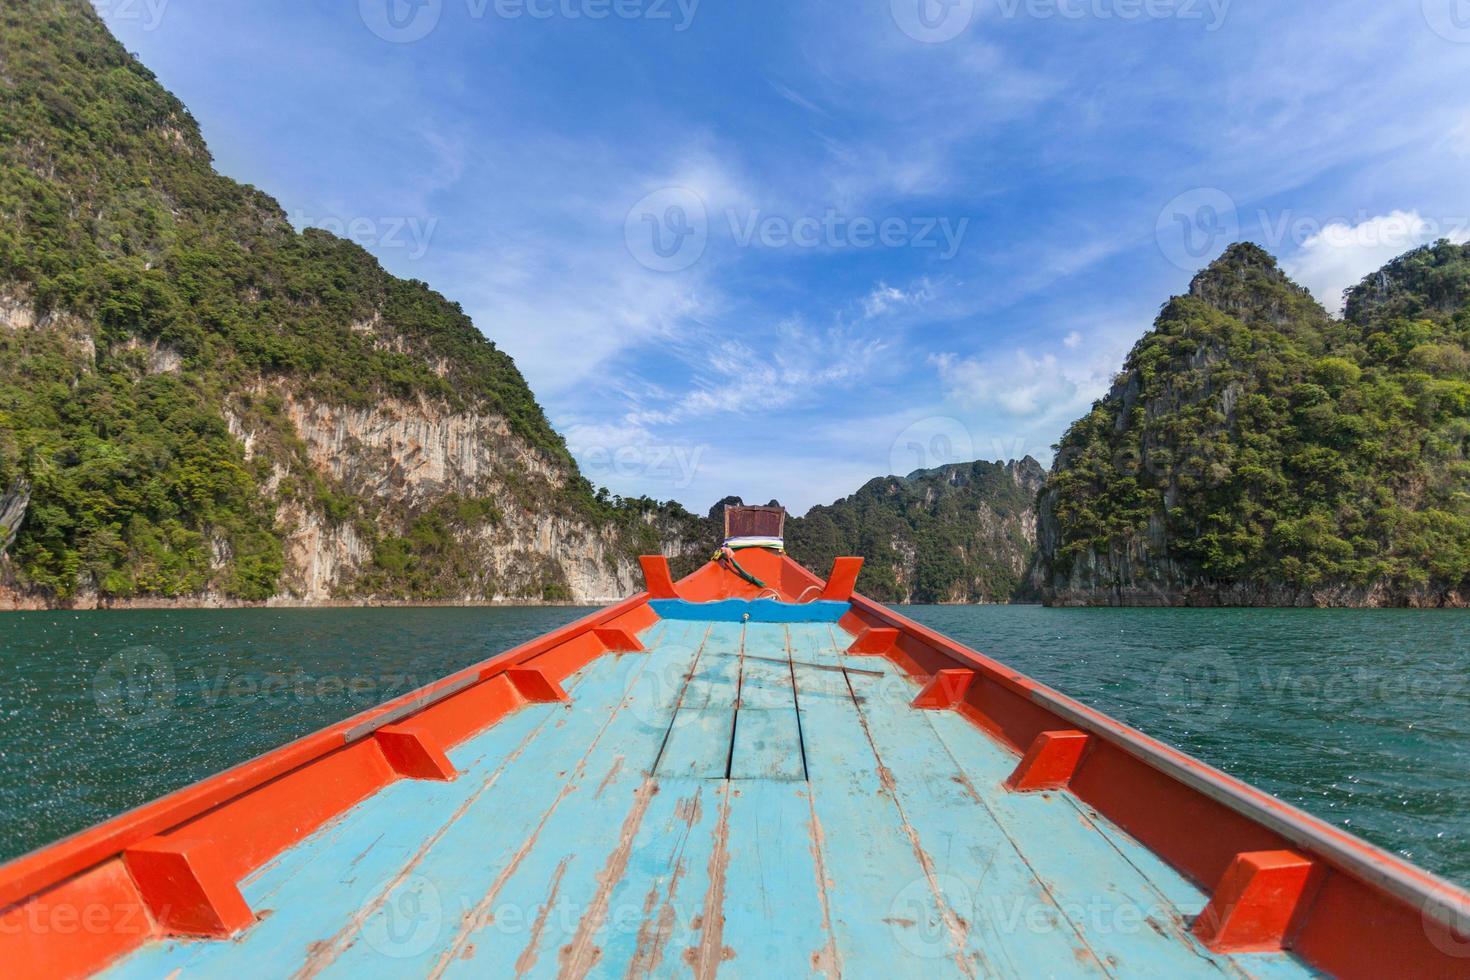 piccole barche nella diga di ratchapapha, provincia di Surat Thani, Tailandia. foto